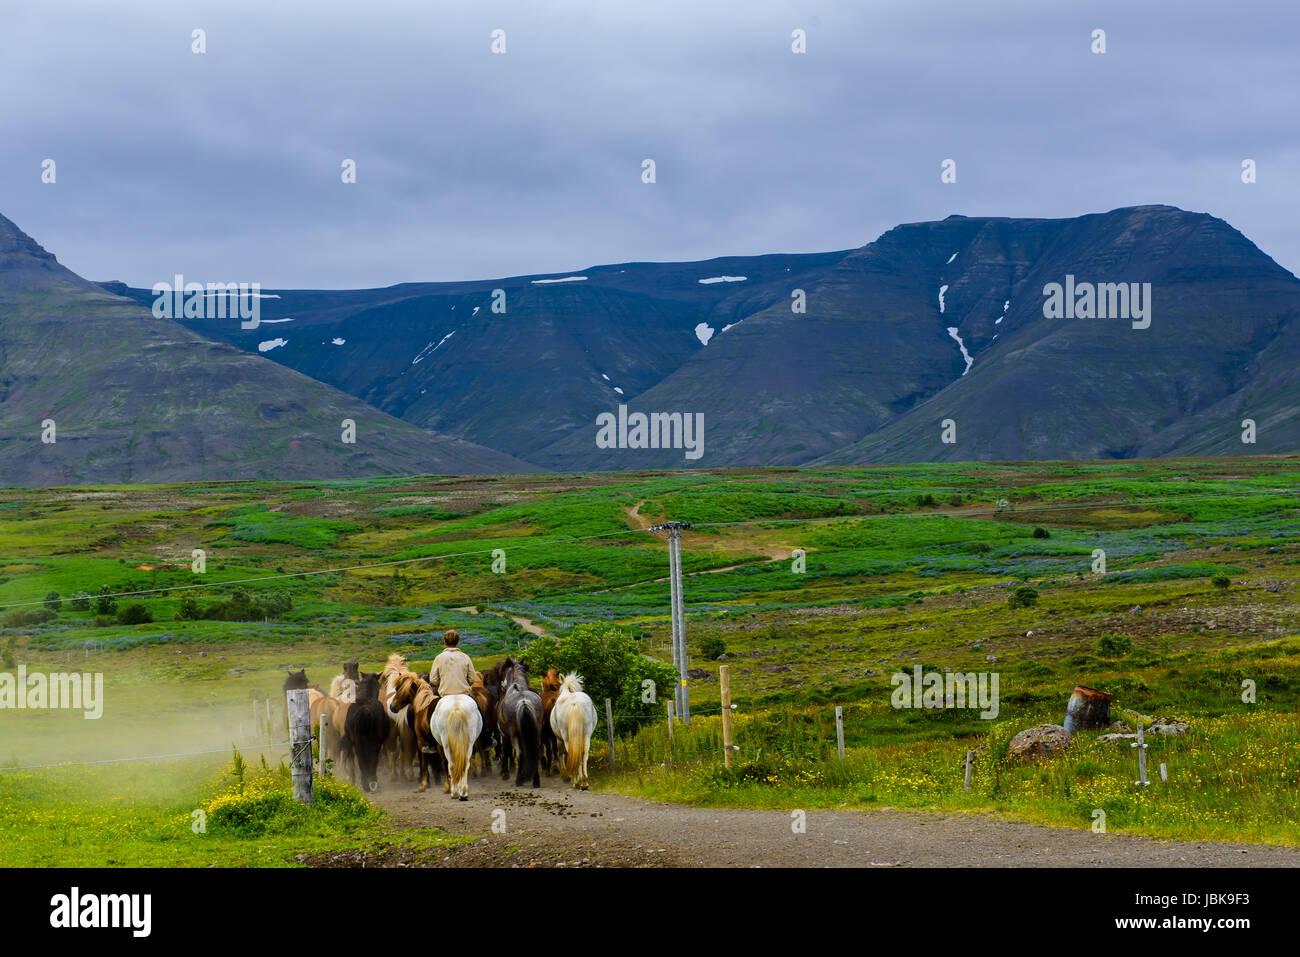 Chevaux Islandais aller au pâturage à meadow en montagnes. L'Islande. Photo Stock